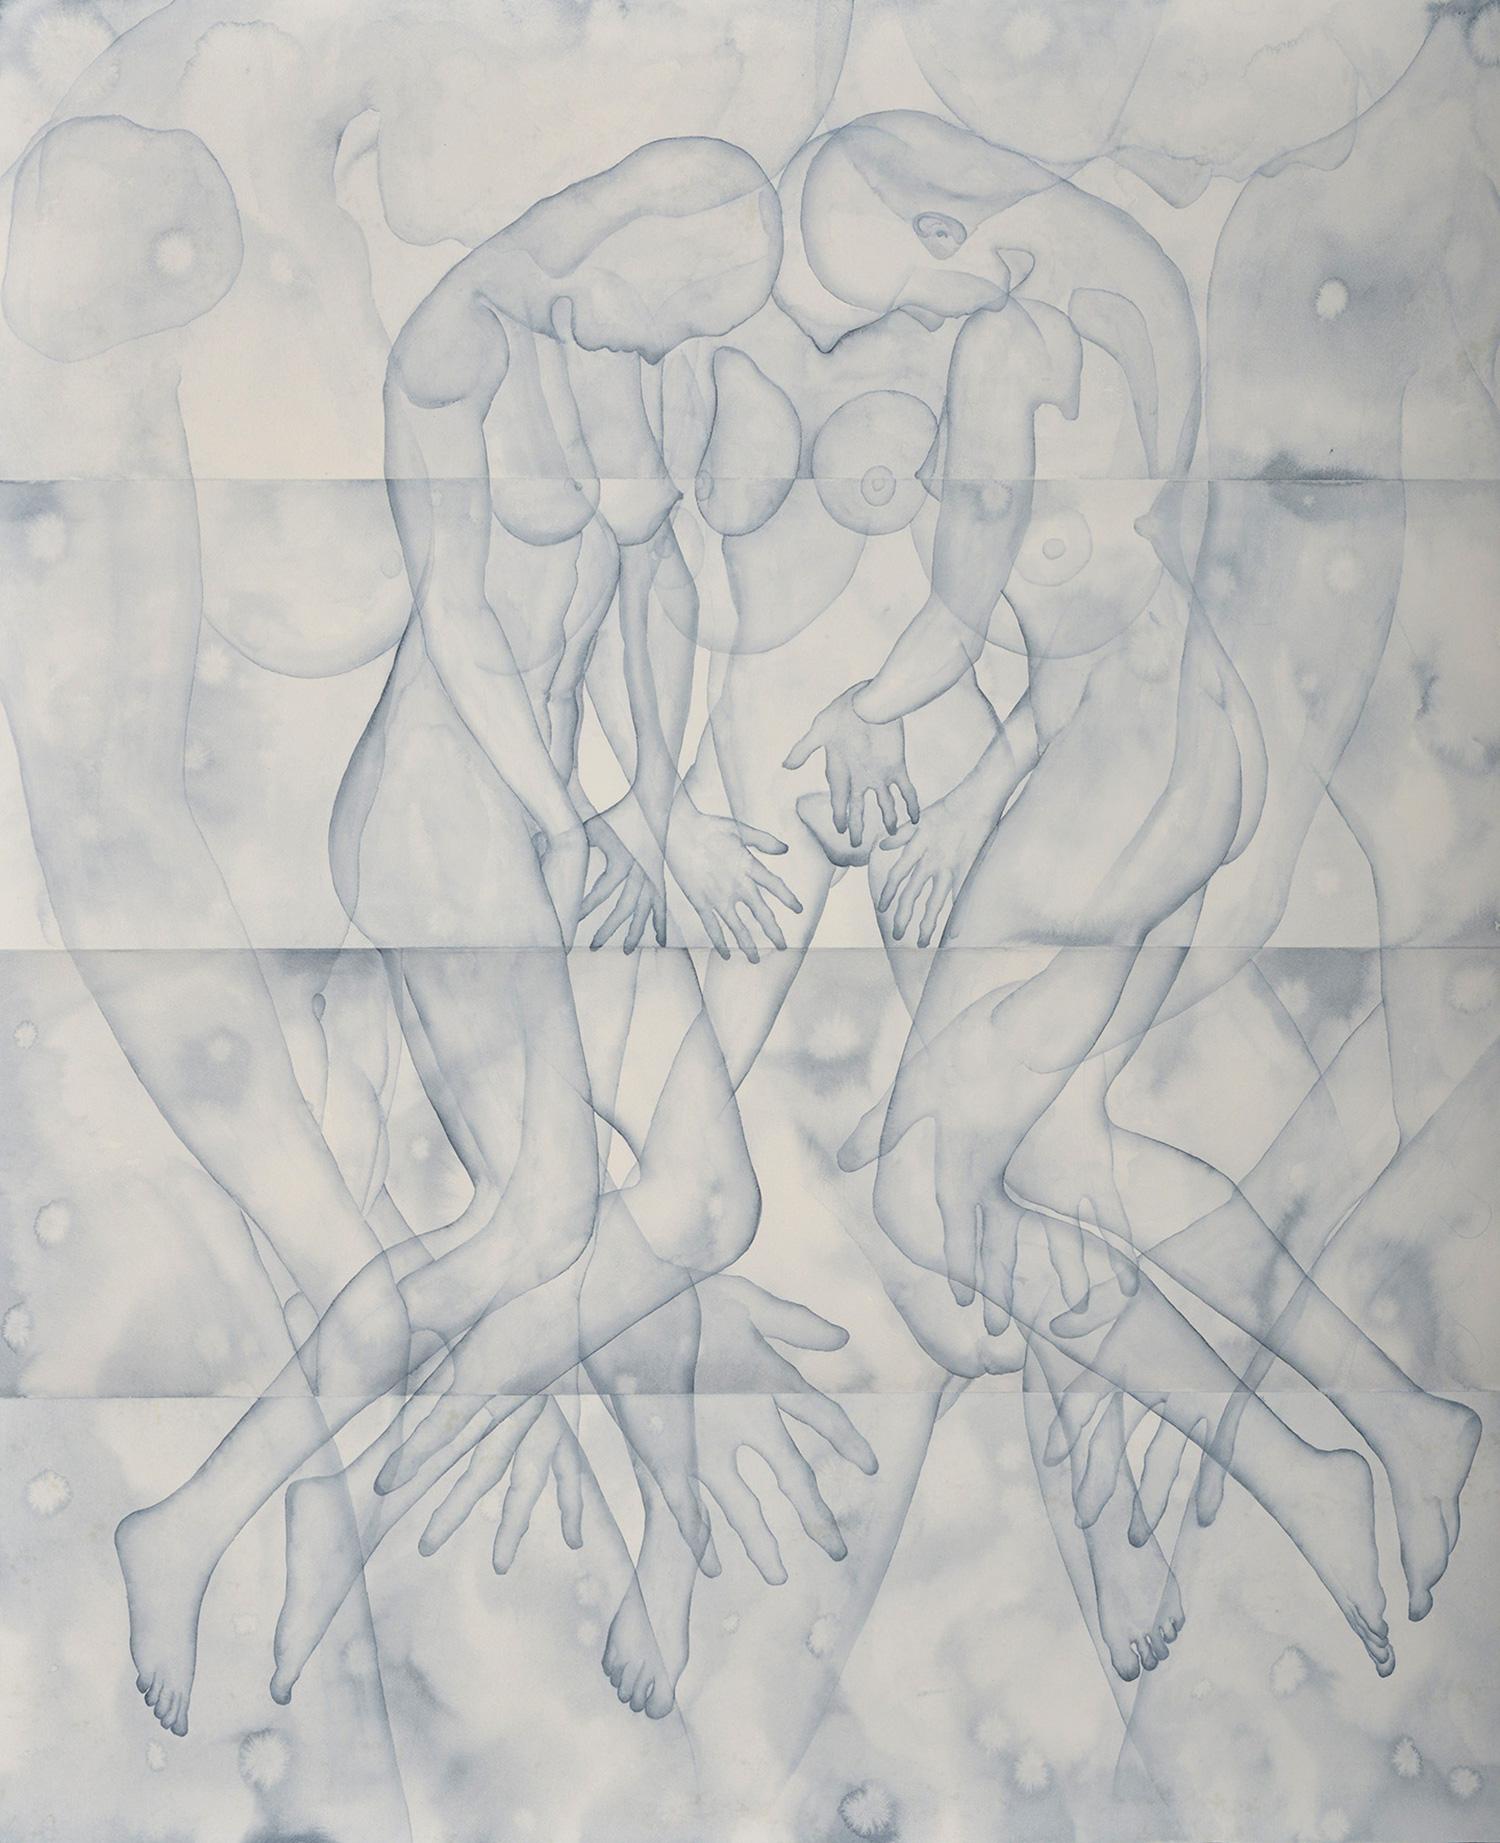 Stefano Bonzano, Mani, acquerello su carta applicato su due pannelli, 110x130 cm, 2019.